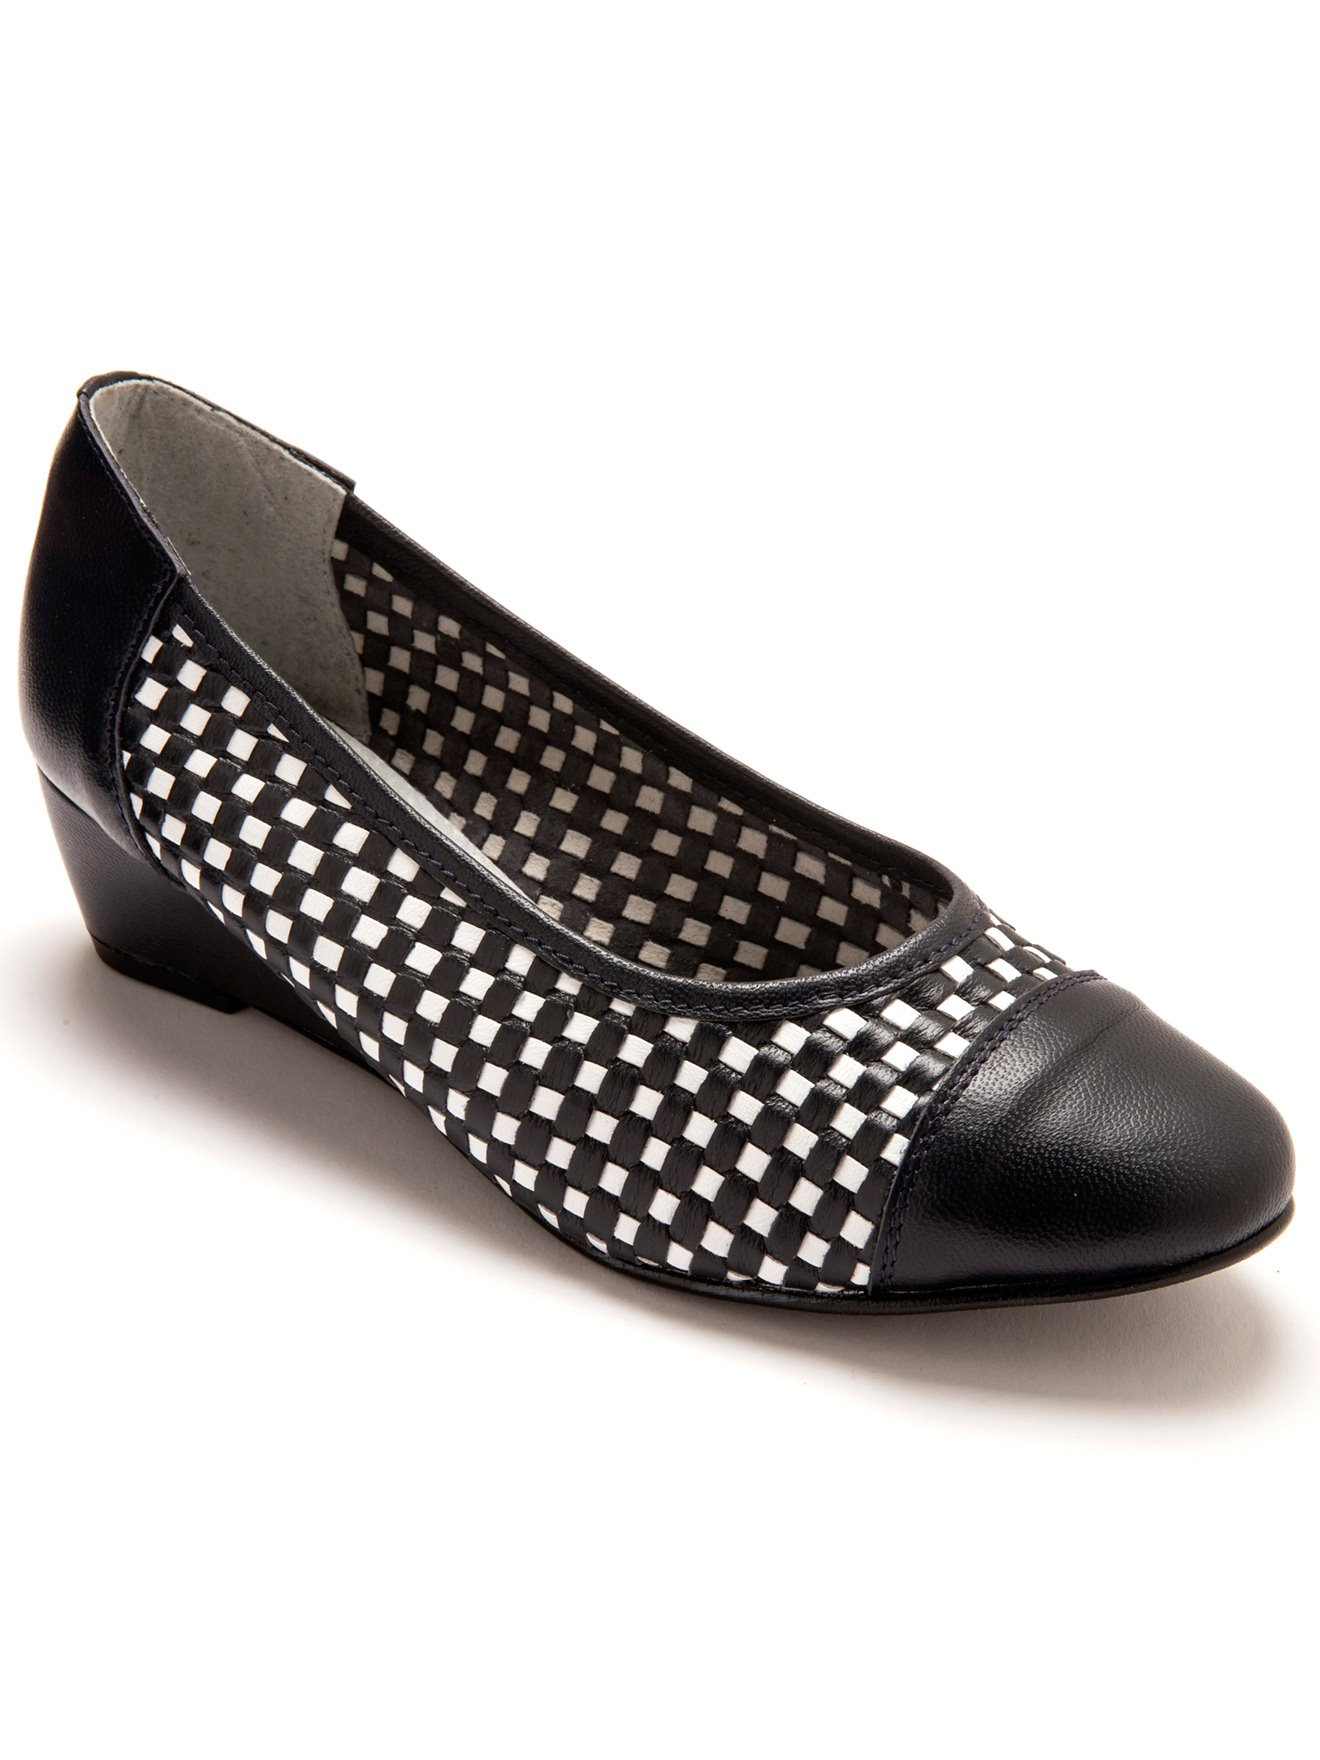 SOLDES Escarpins femme, escarpins noirs, escarpins pieds sensibles 8316f559a099